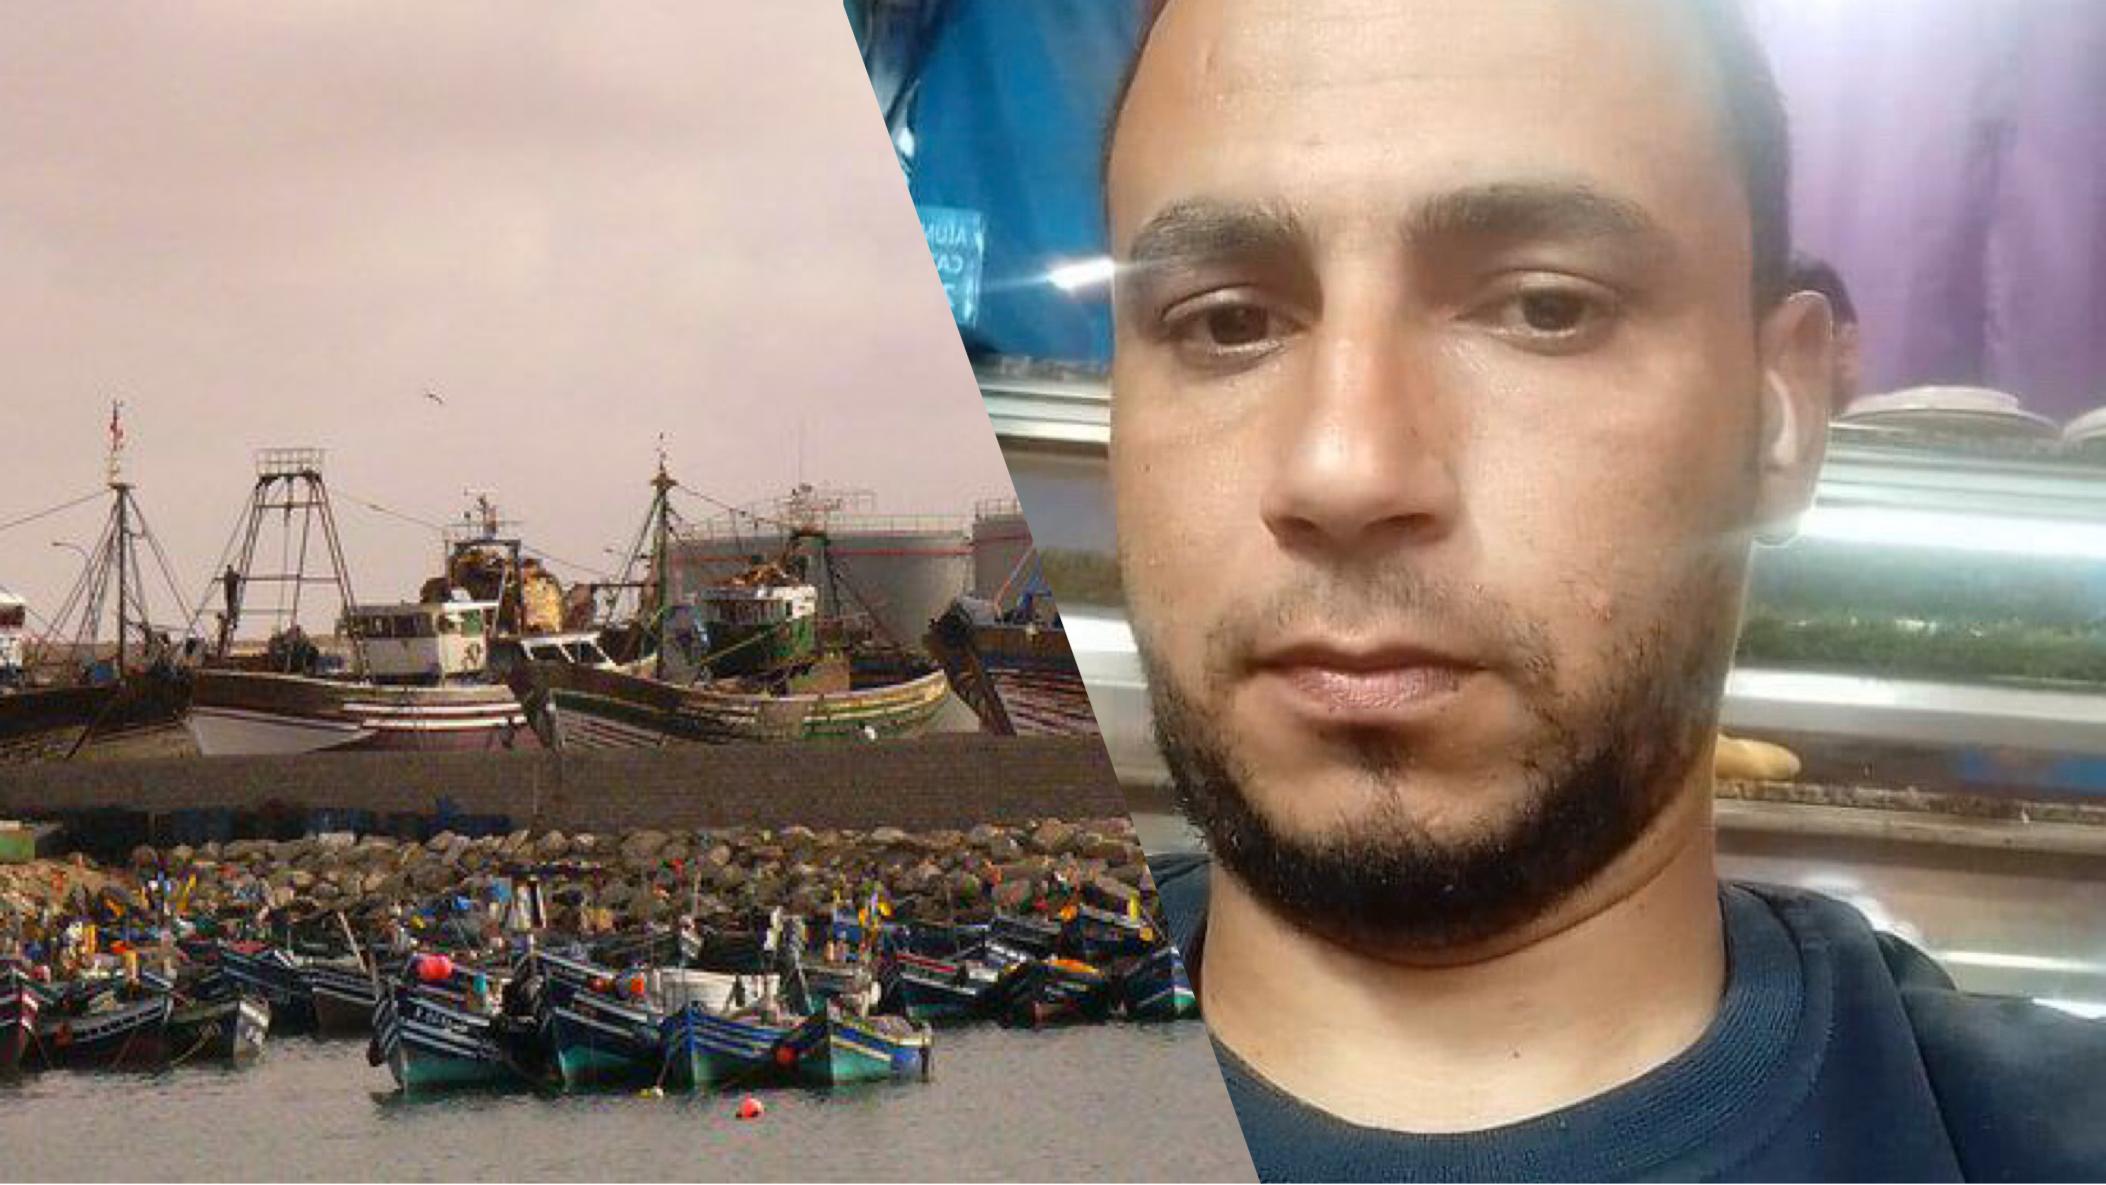 صورة جمعية مهنية تدخل على خط قضية اعتداء على بحار ميكانيكي بطانطان